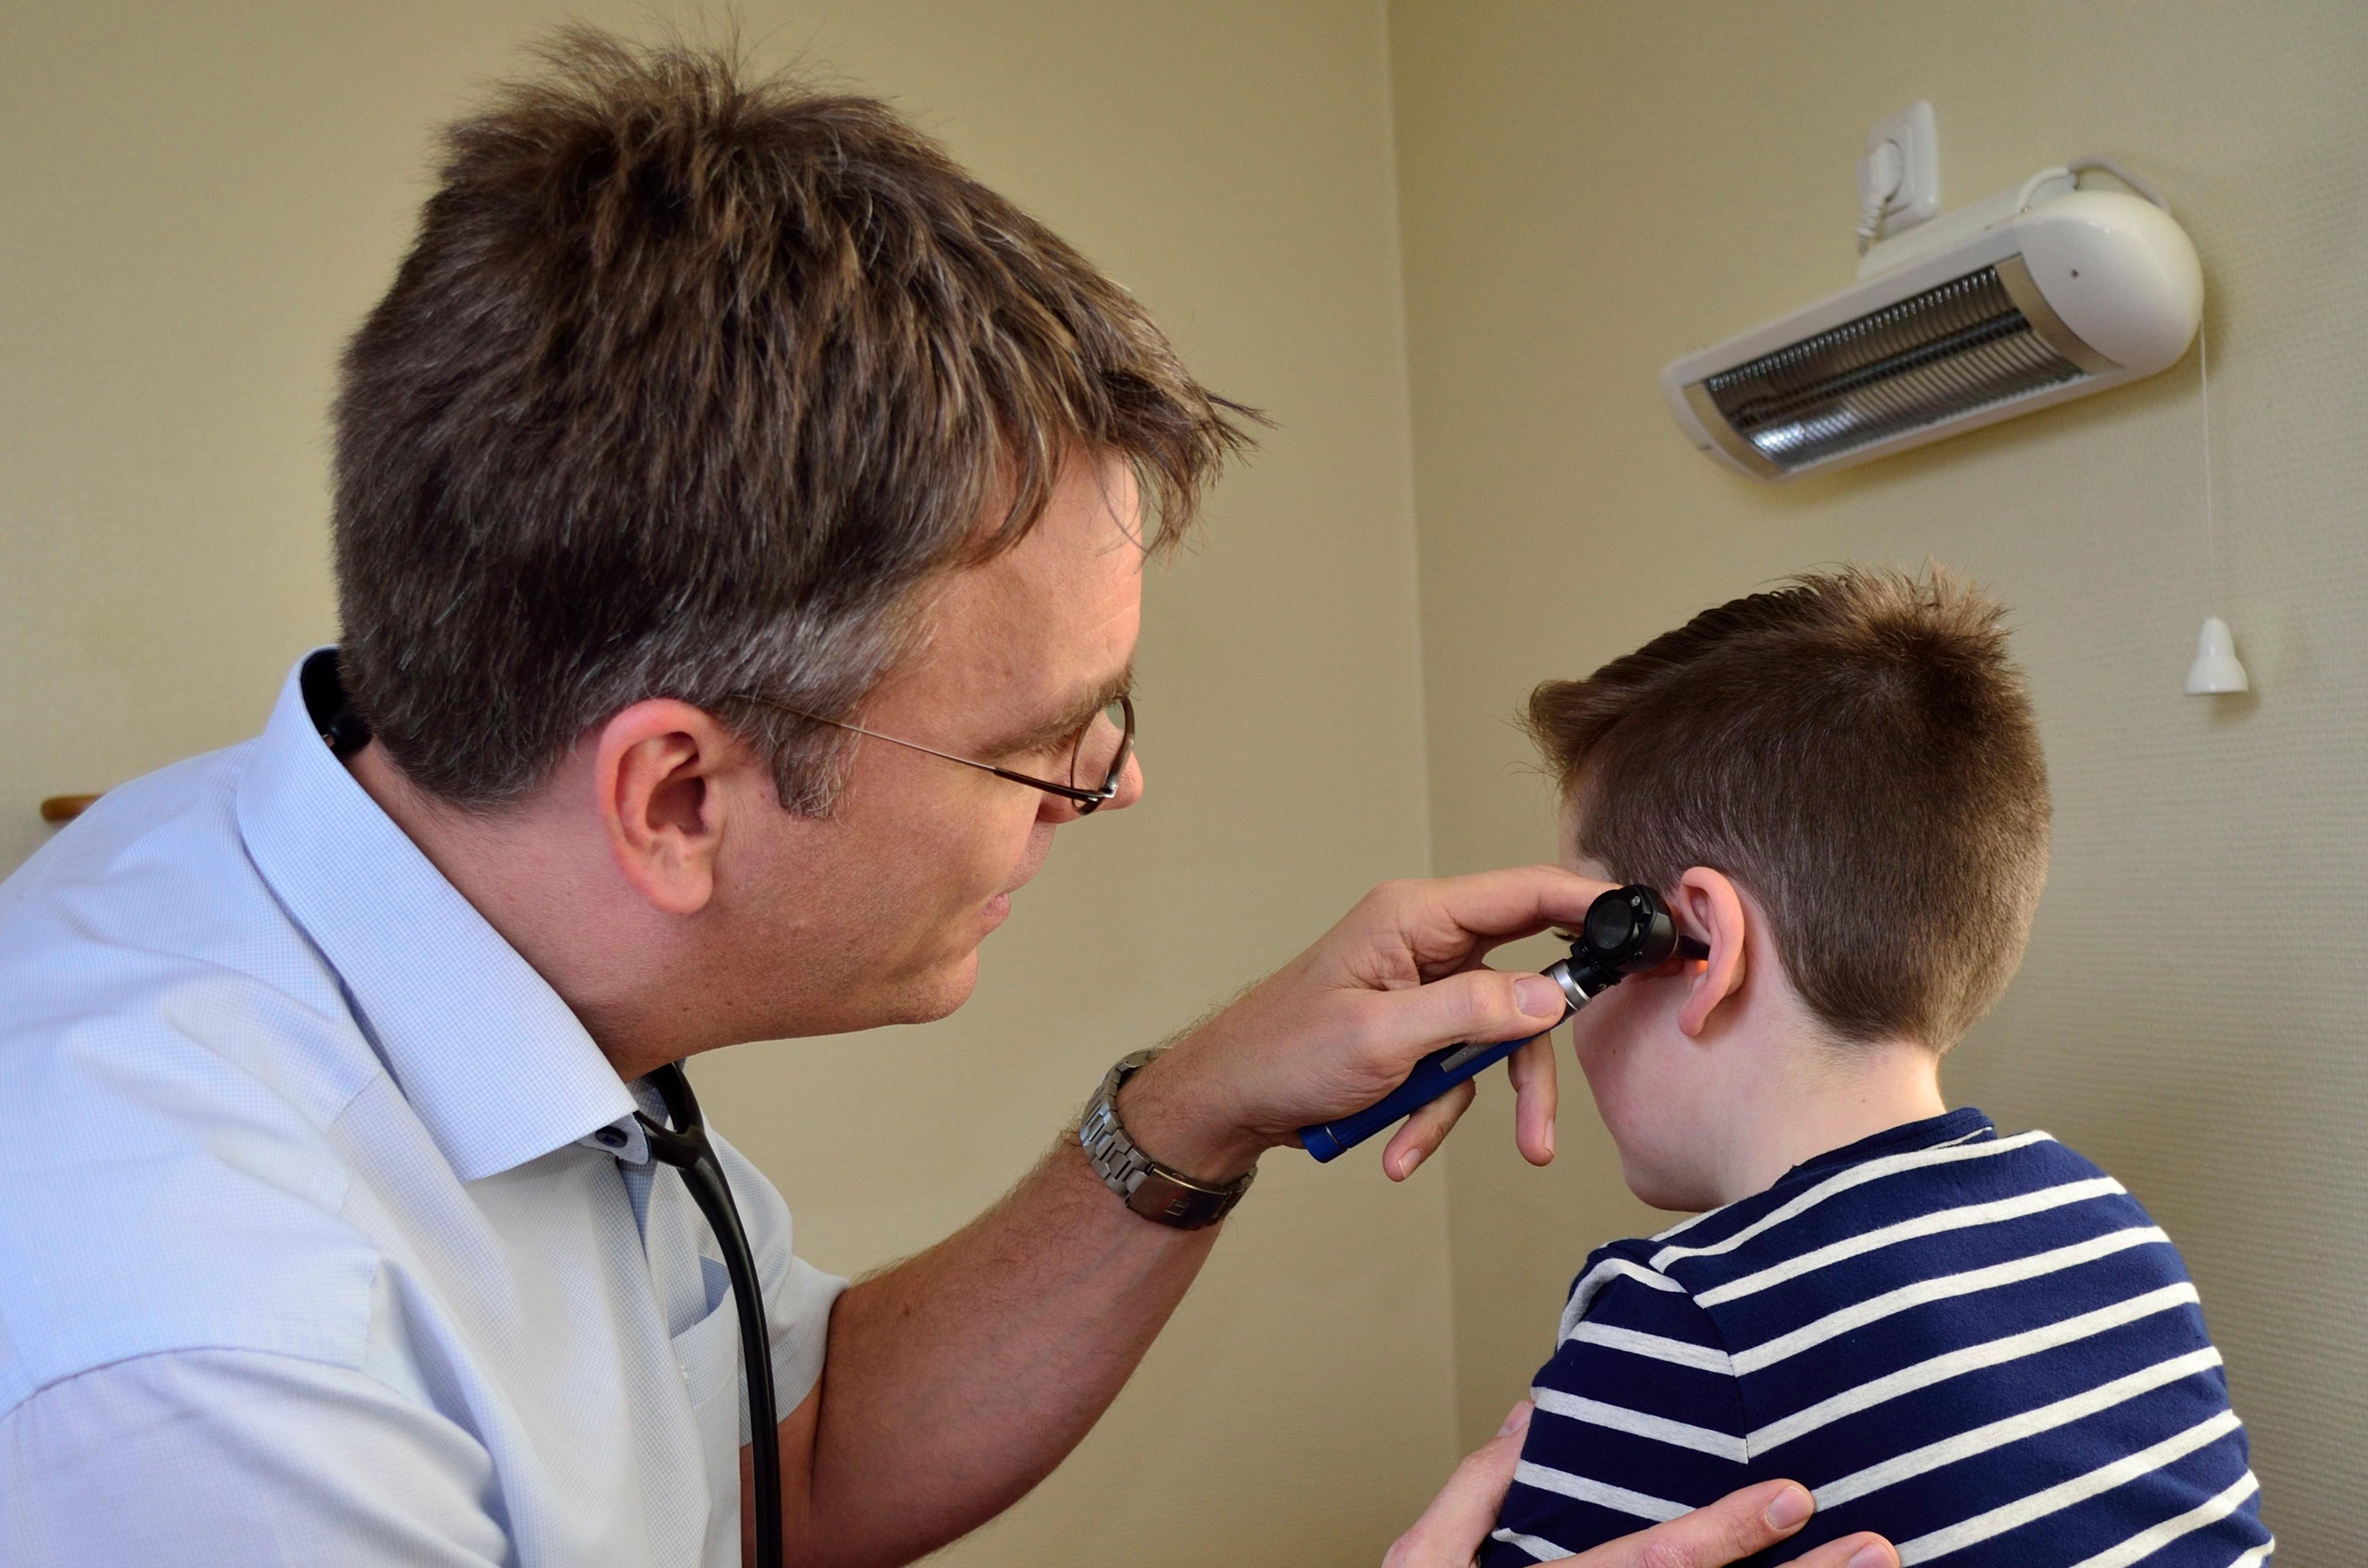 Vorsorge, Impfungen und U-Untersuchungen